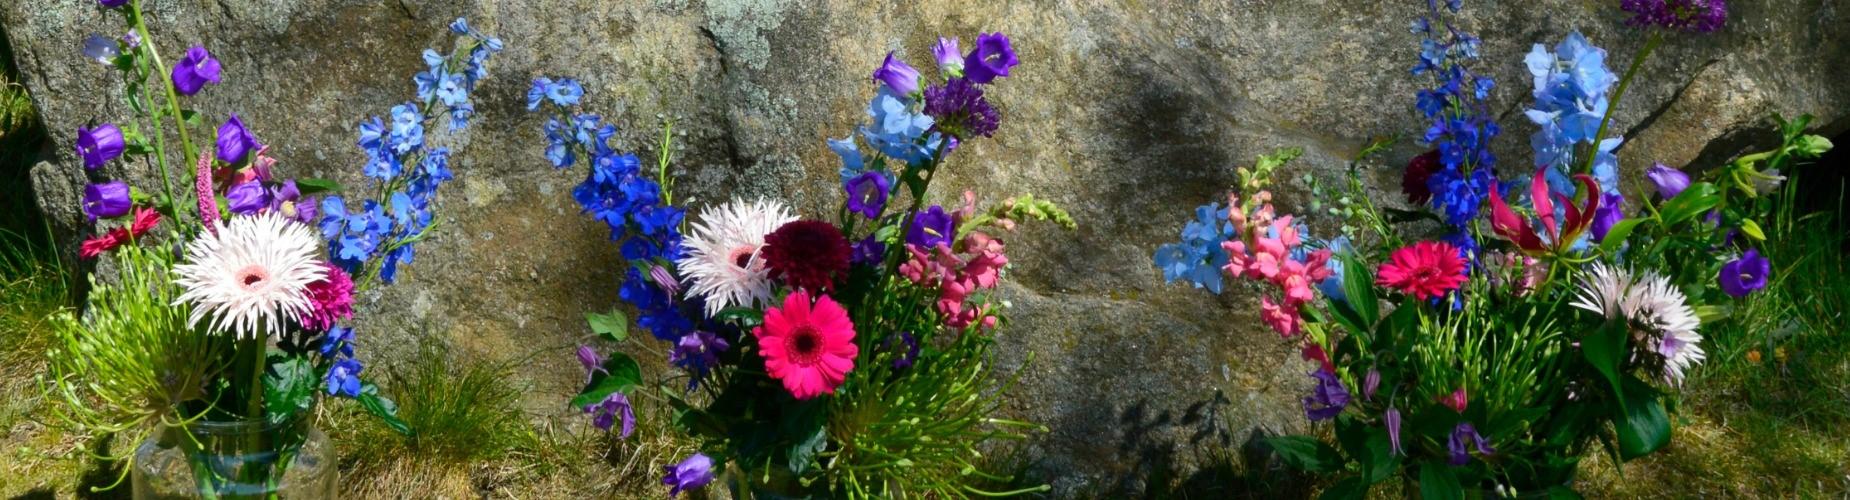 bloemen-abonnement-bloem-bloemist-borger-enbloemen-abonnement.